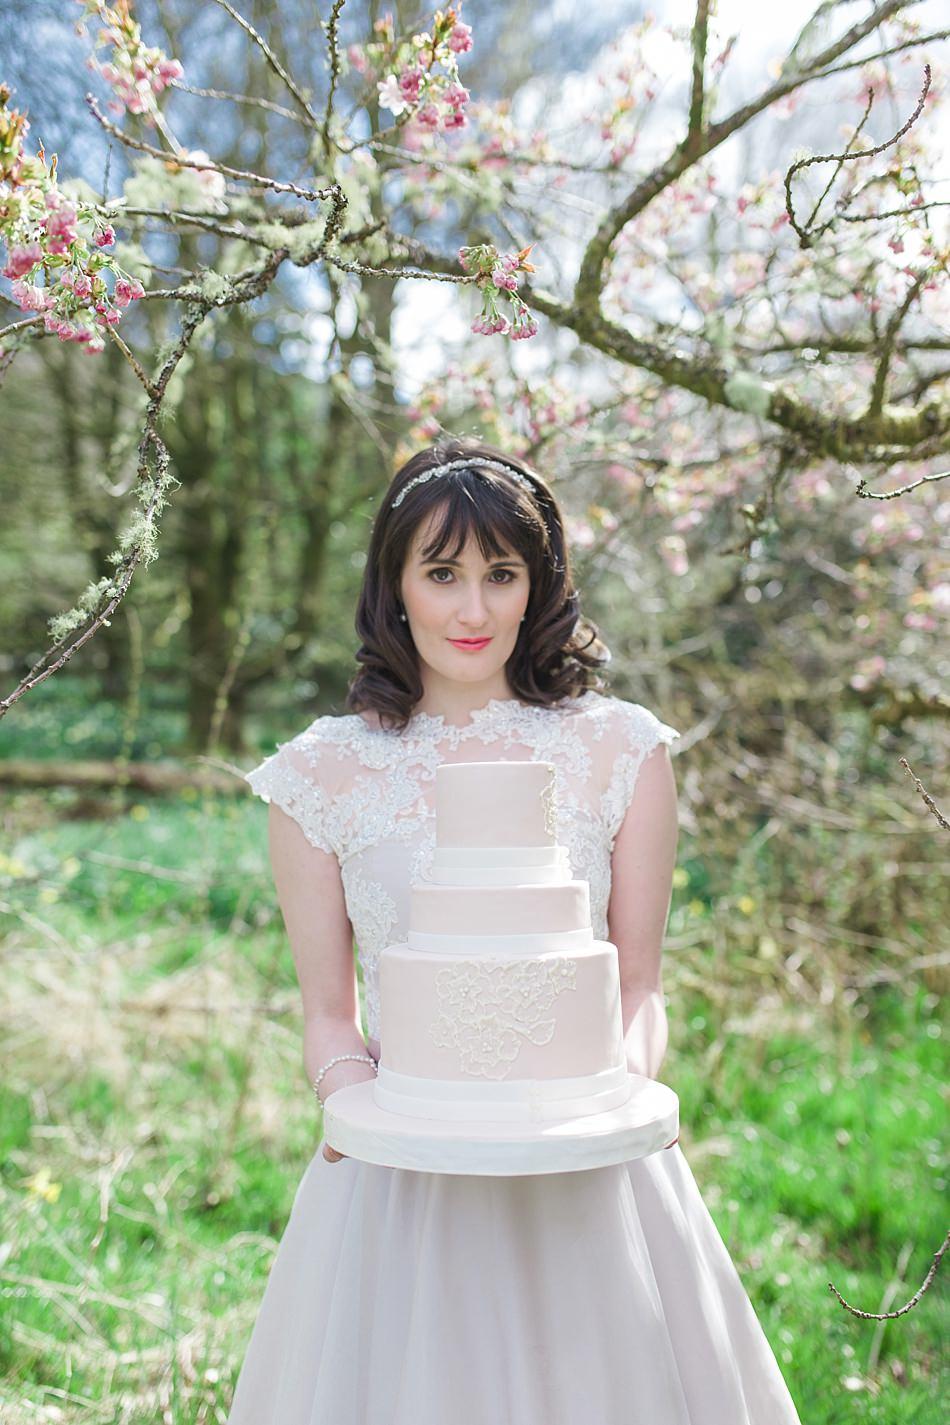 wedding ardkinglas Loch fyne 1-15.jpg